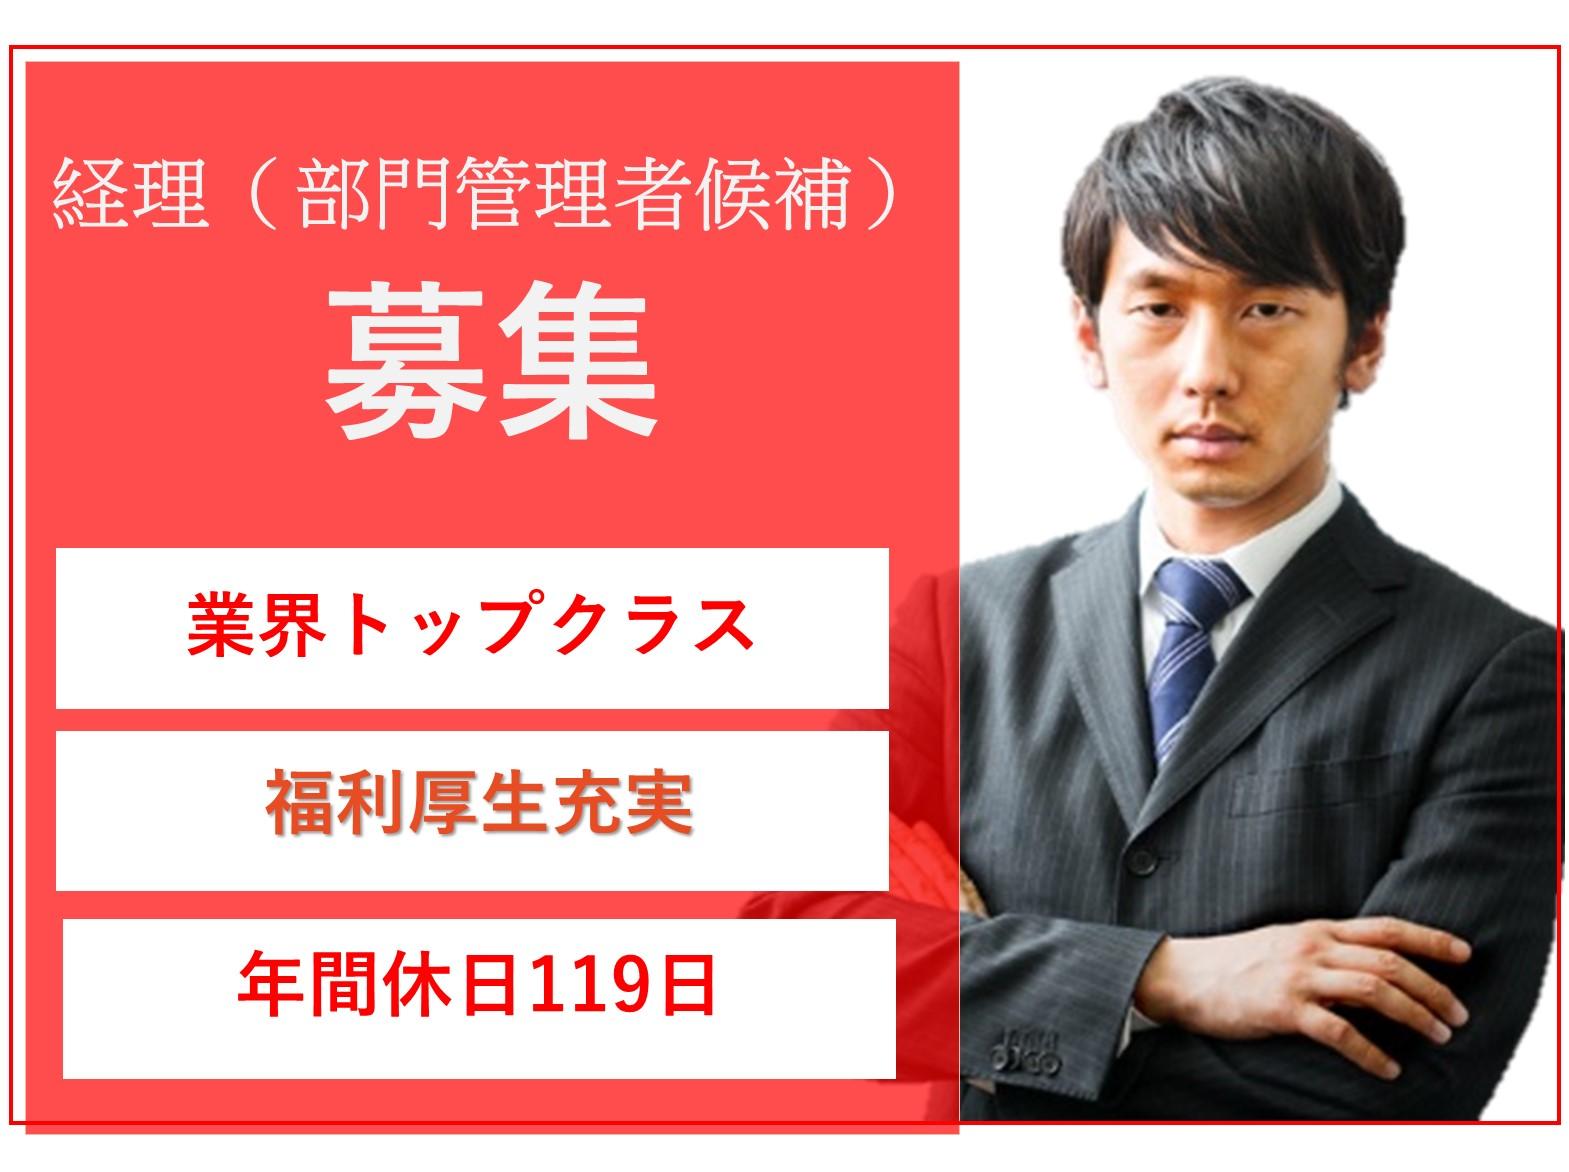 【即面談可能】業界トップクラス大手企業★月給28万円~経理(部門管理者候補) イメージ